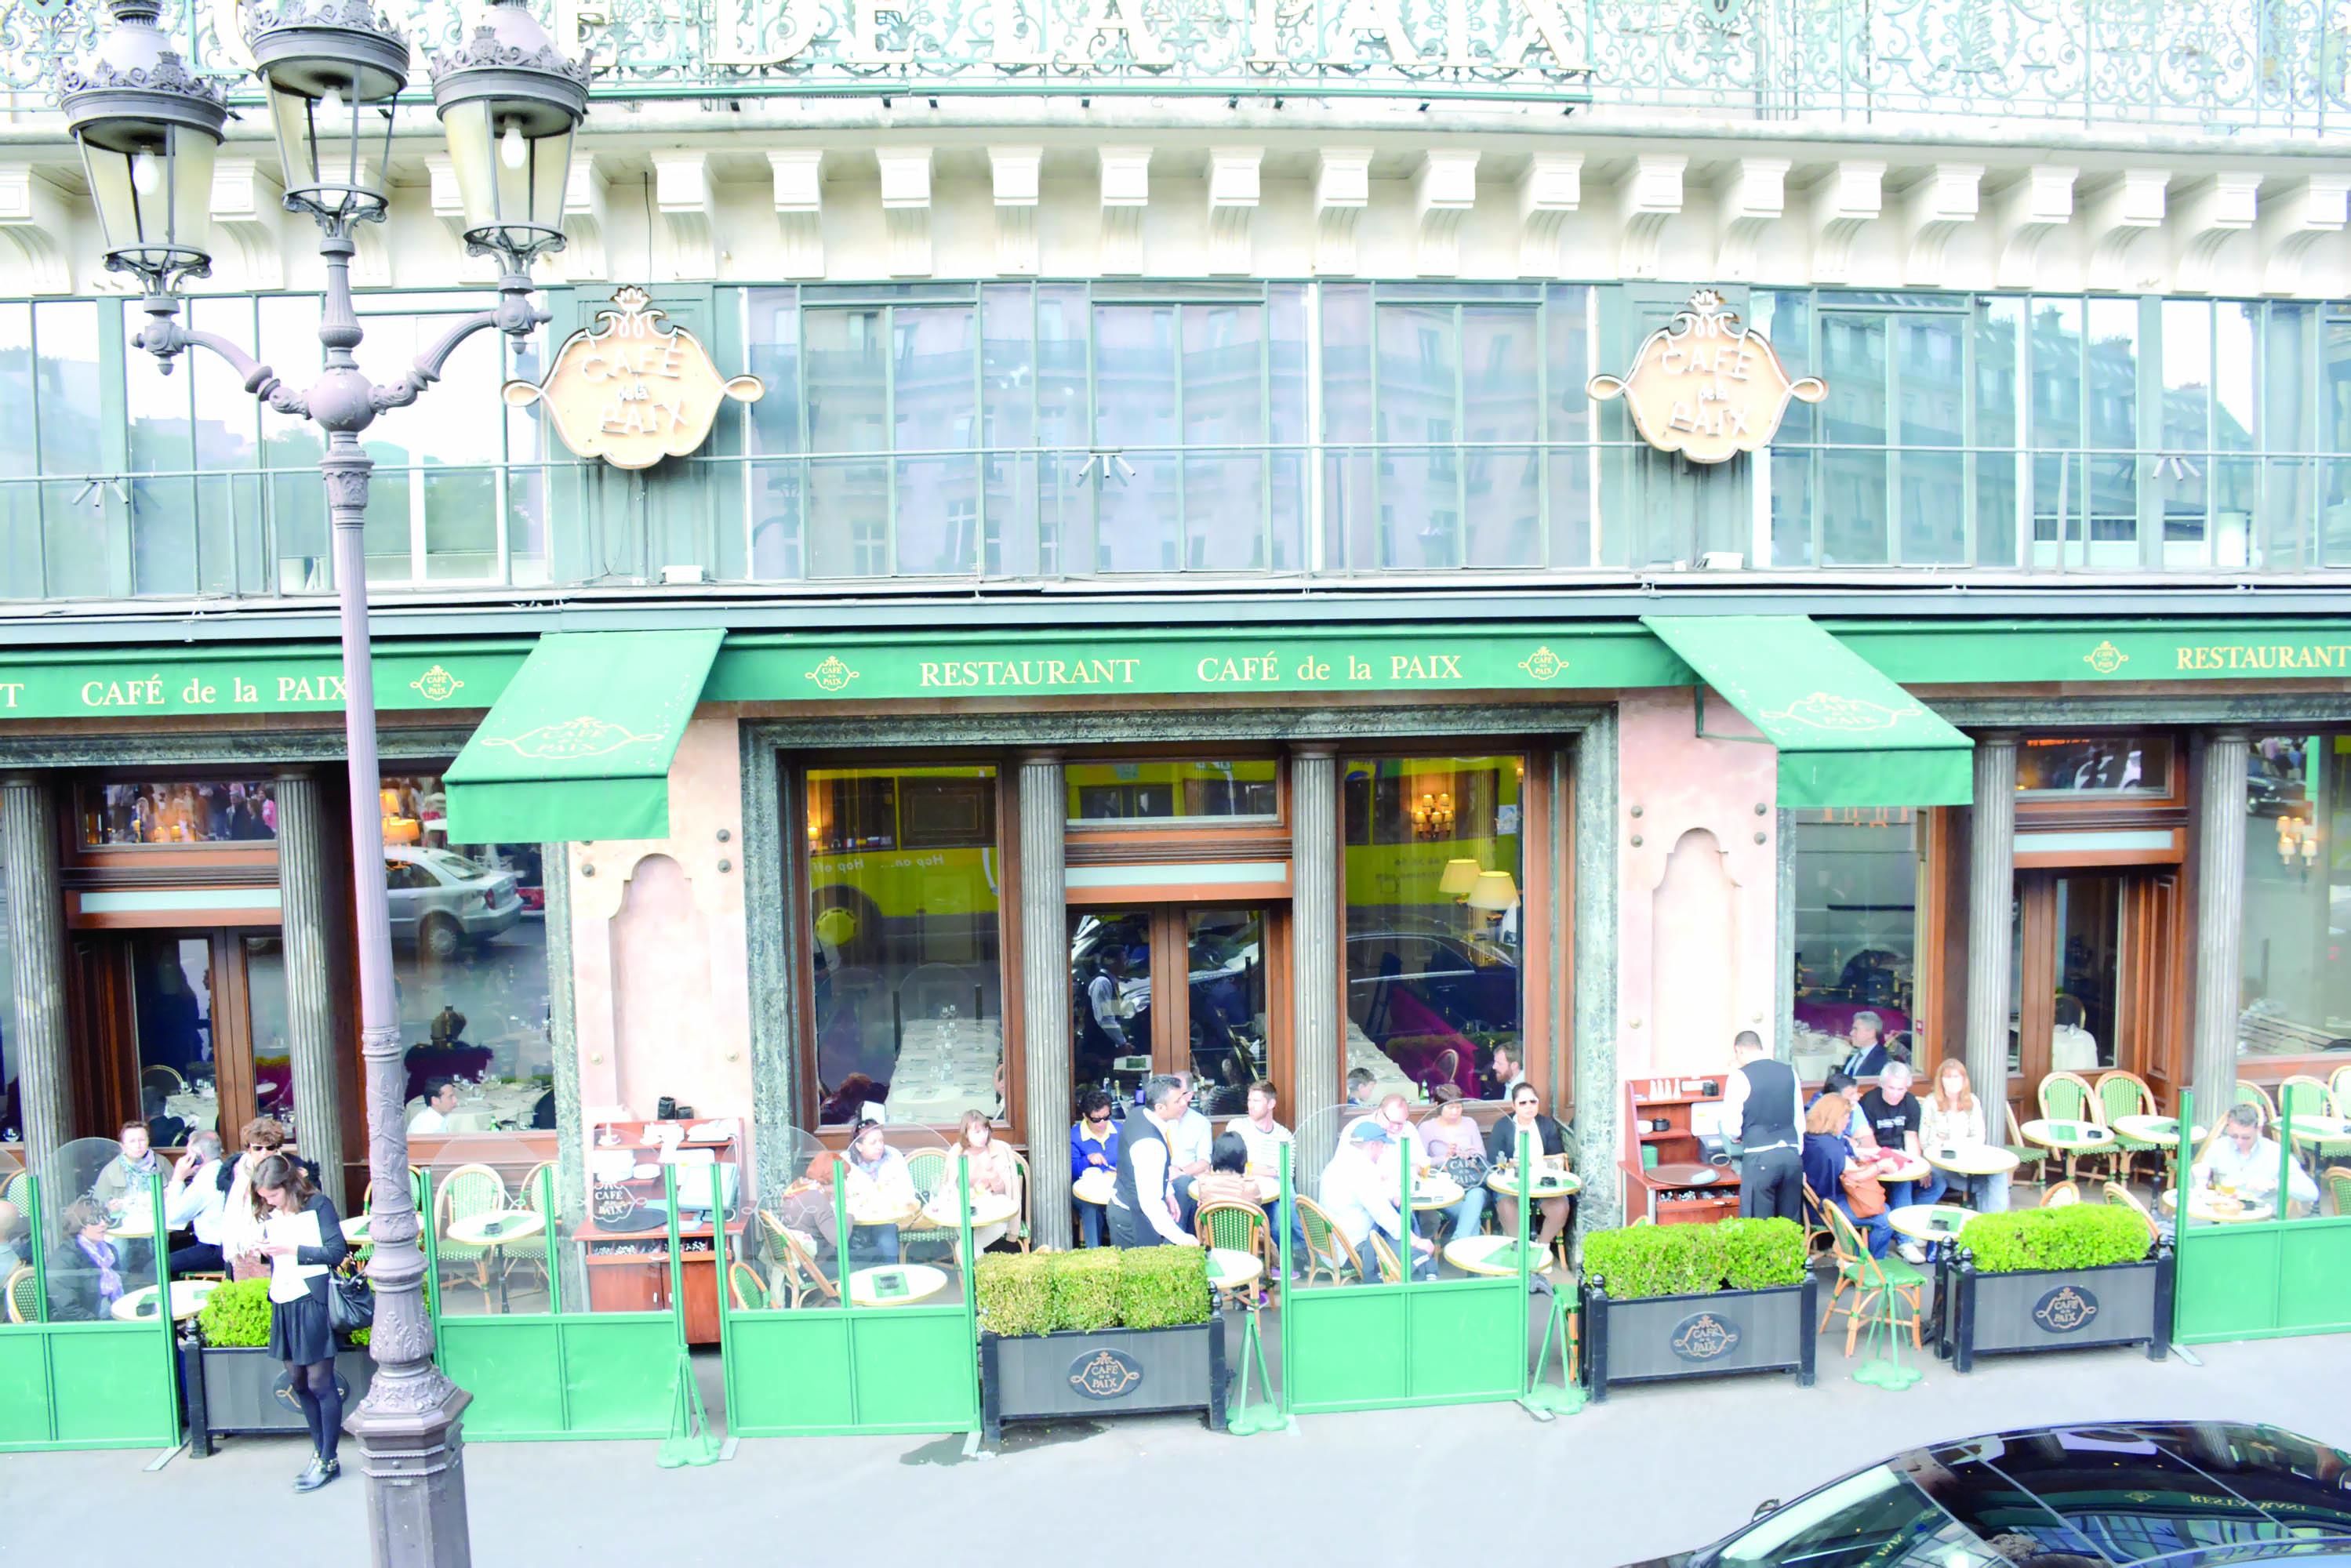 مقاهي باريسمن منارات الفكر إلى مساحات لصور السياح